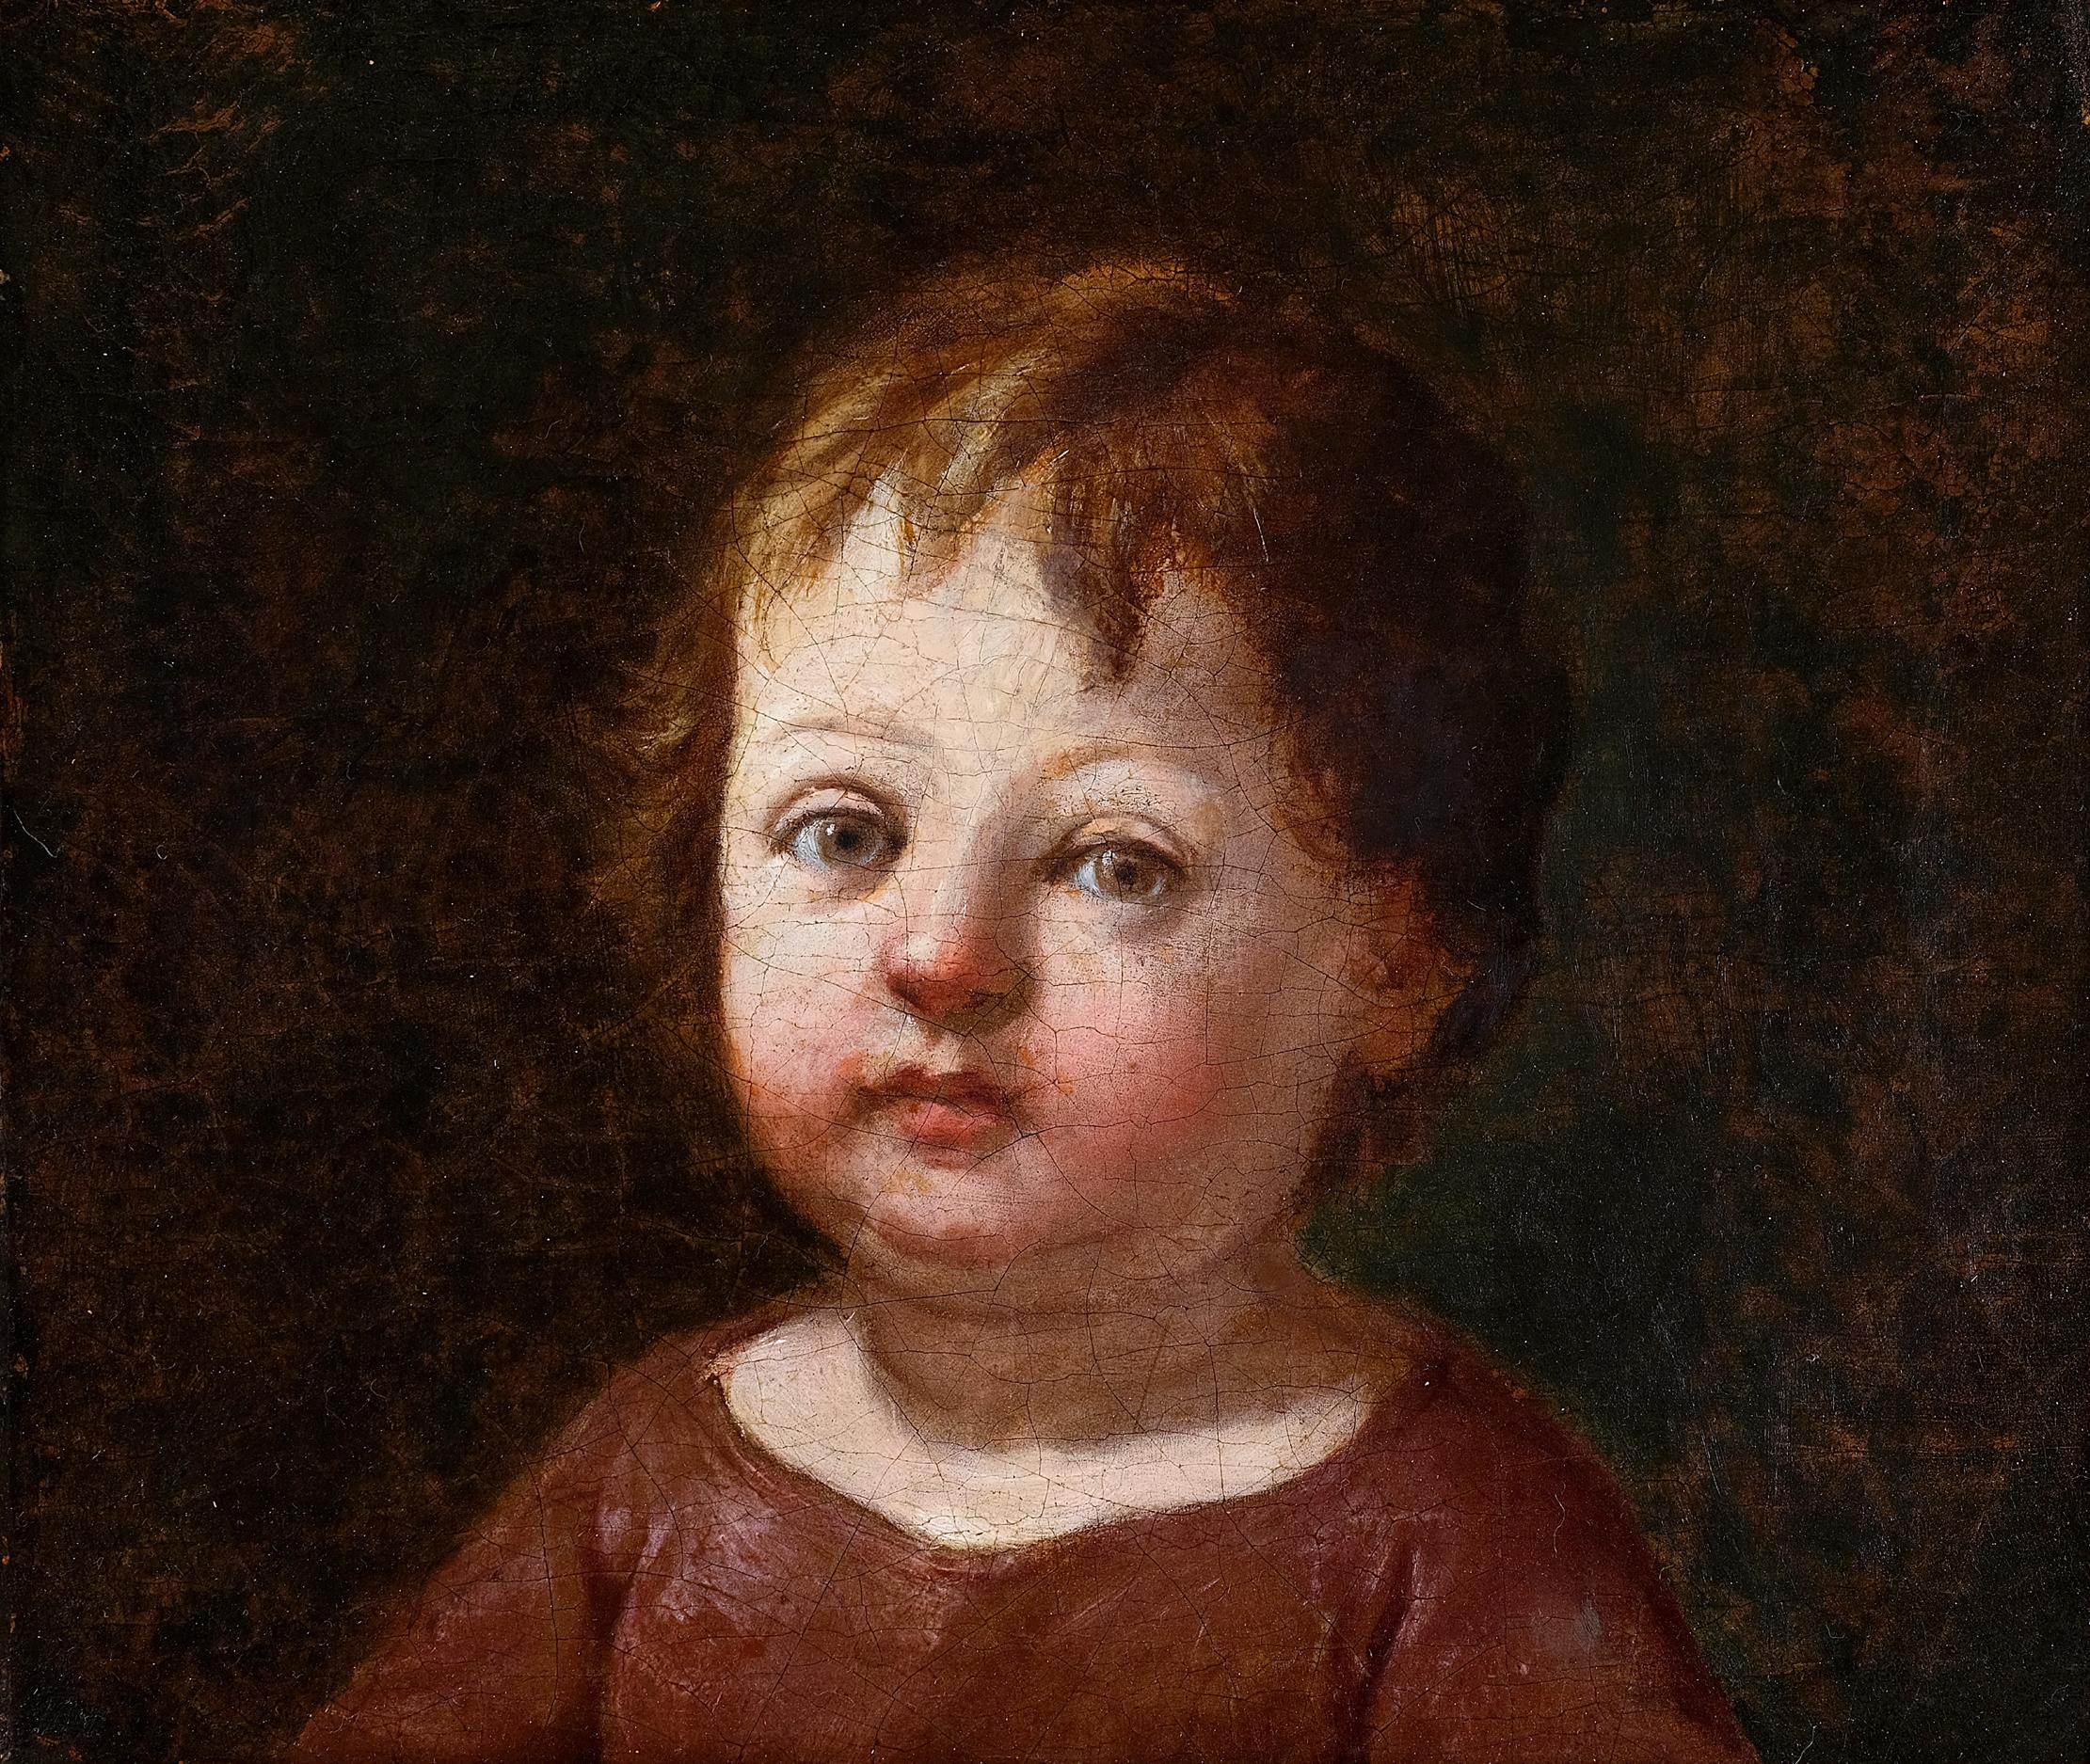 Annibale Carracci, Bologna 1560 – 1609 Rom (zugeschrieben), Portrait eines Knaben